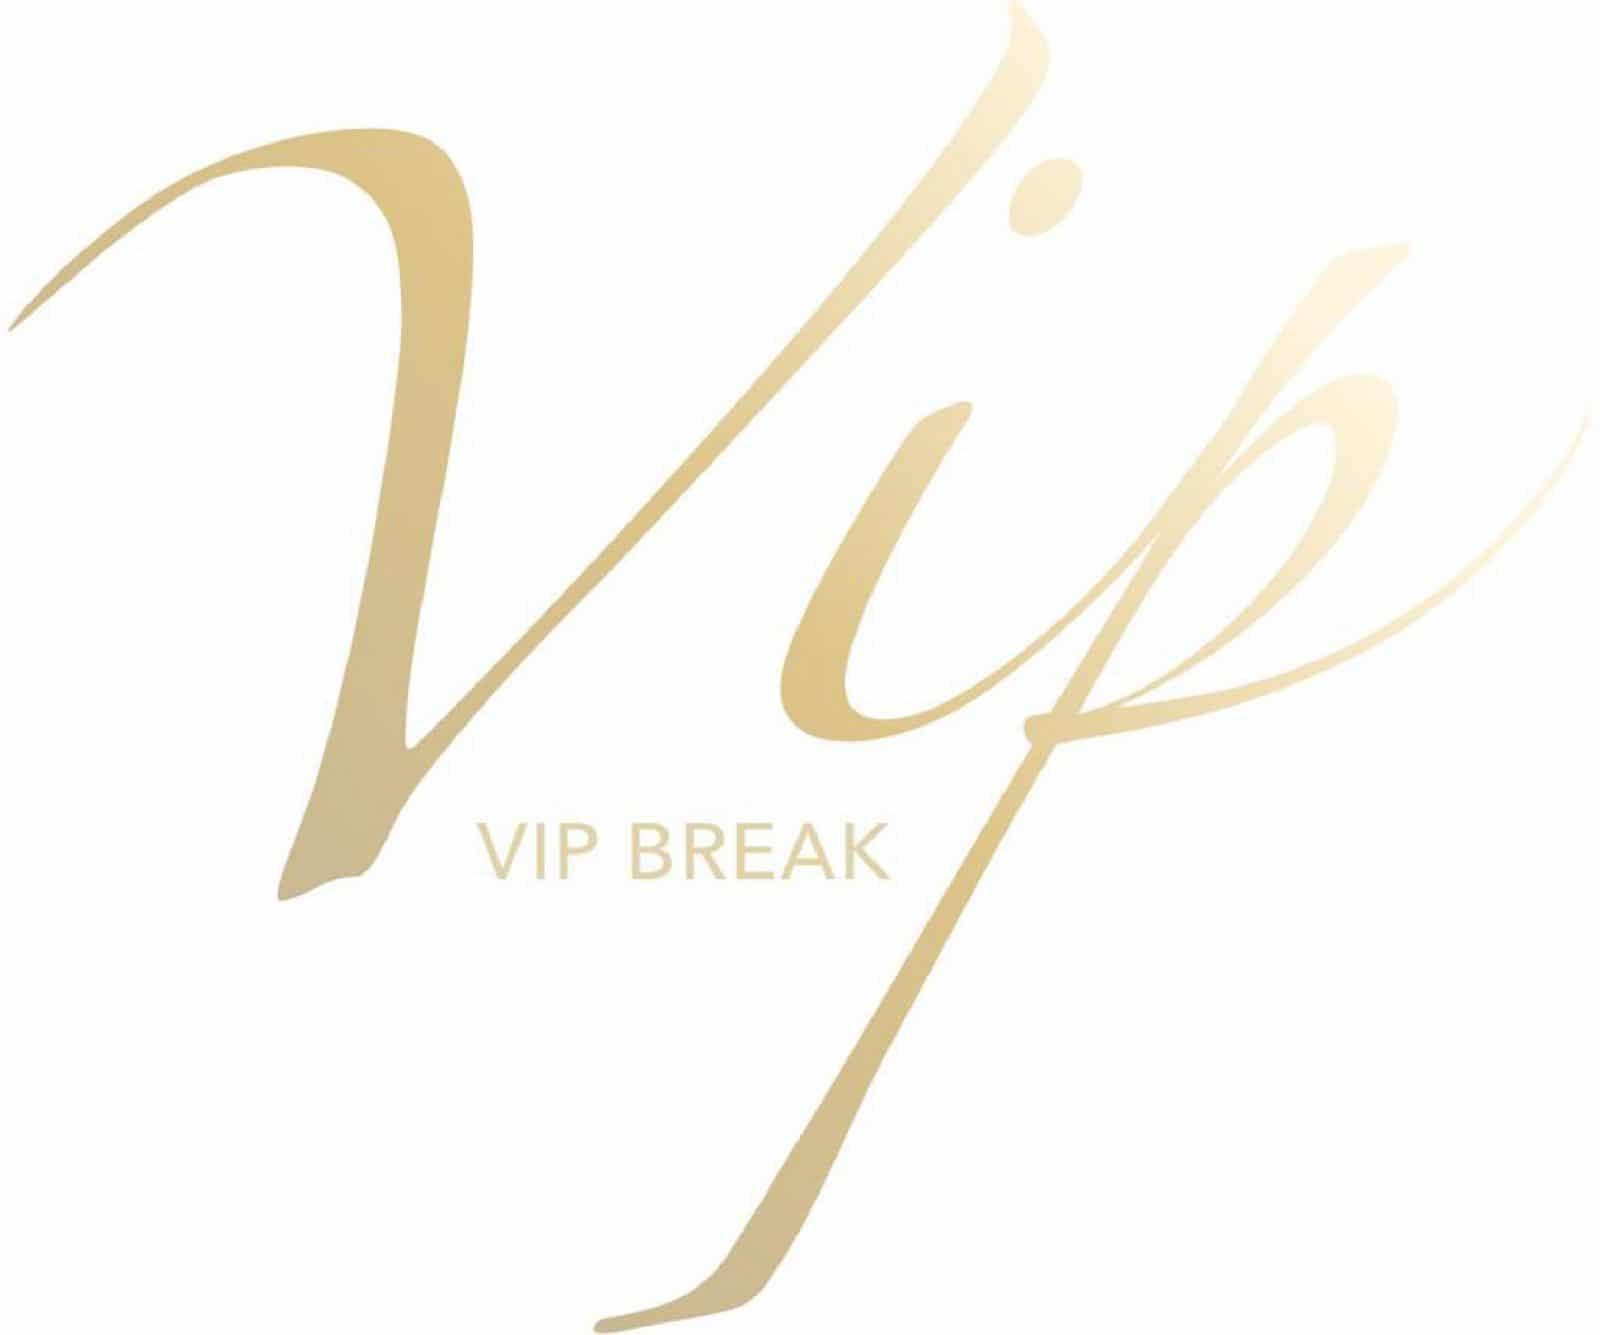 Vip Break Logo